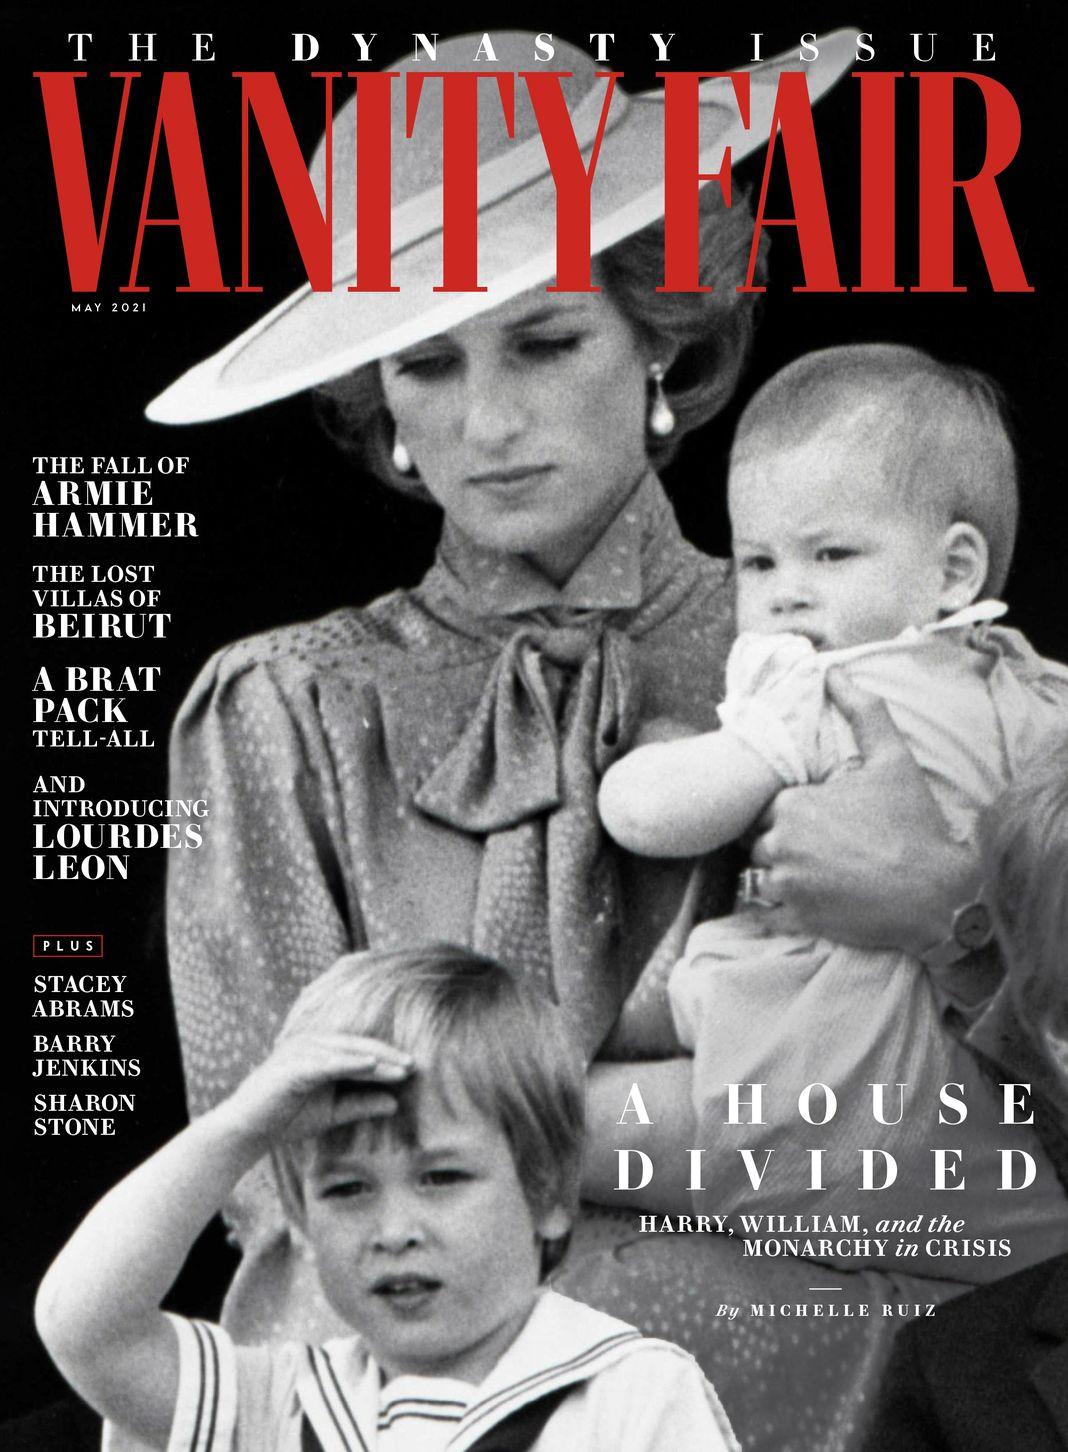 На обложке журнала Vanity Fair